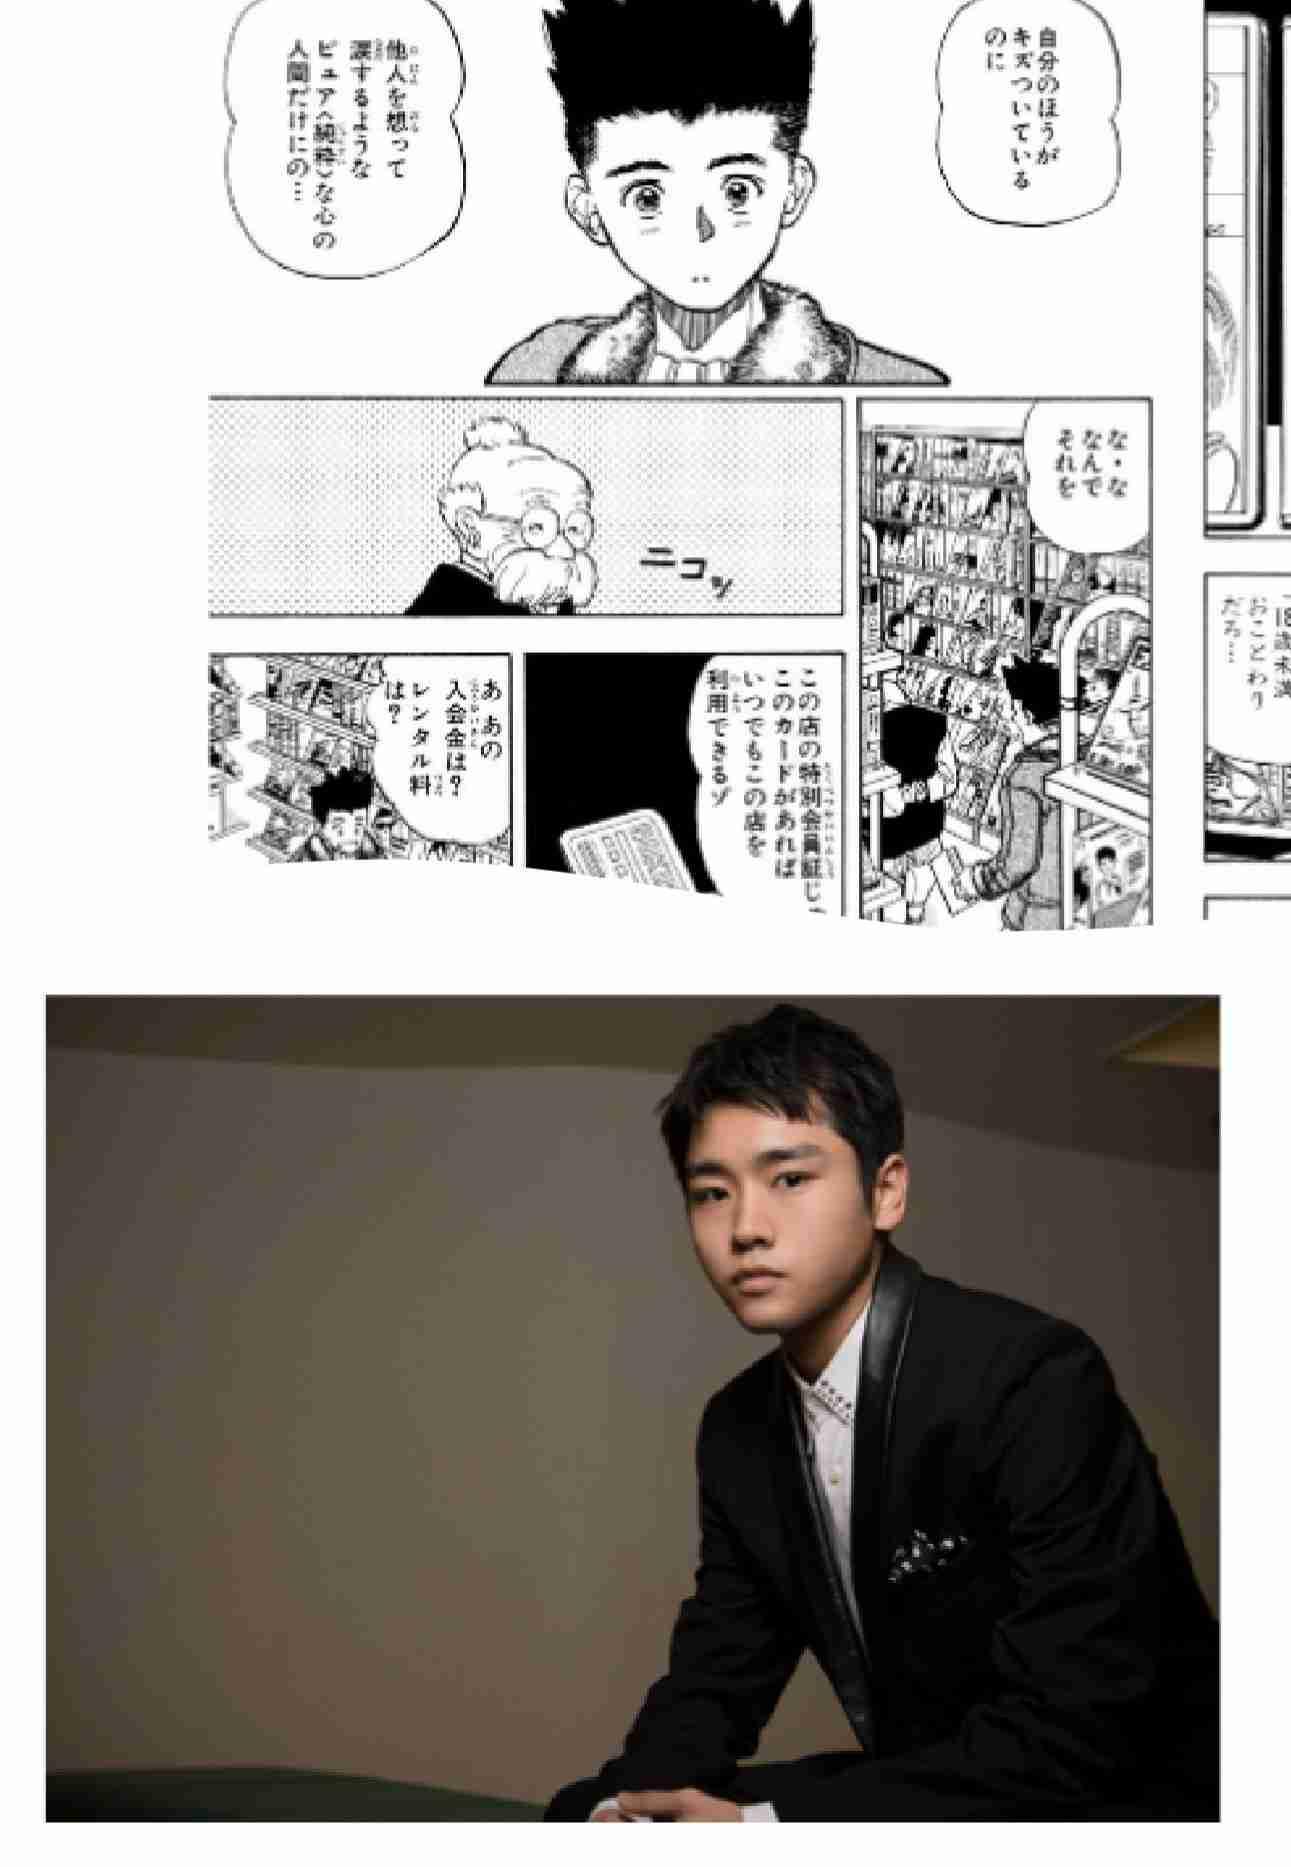 「電影少女」桂正和の名作マンガ初ドラマ化 主演は野村周平